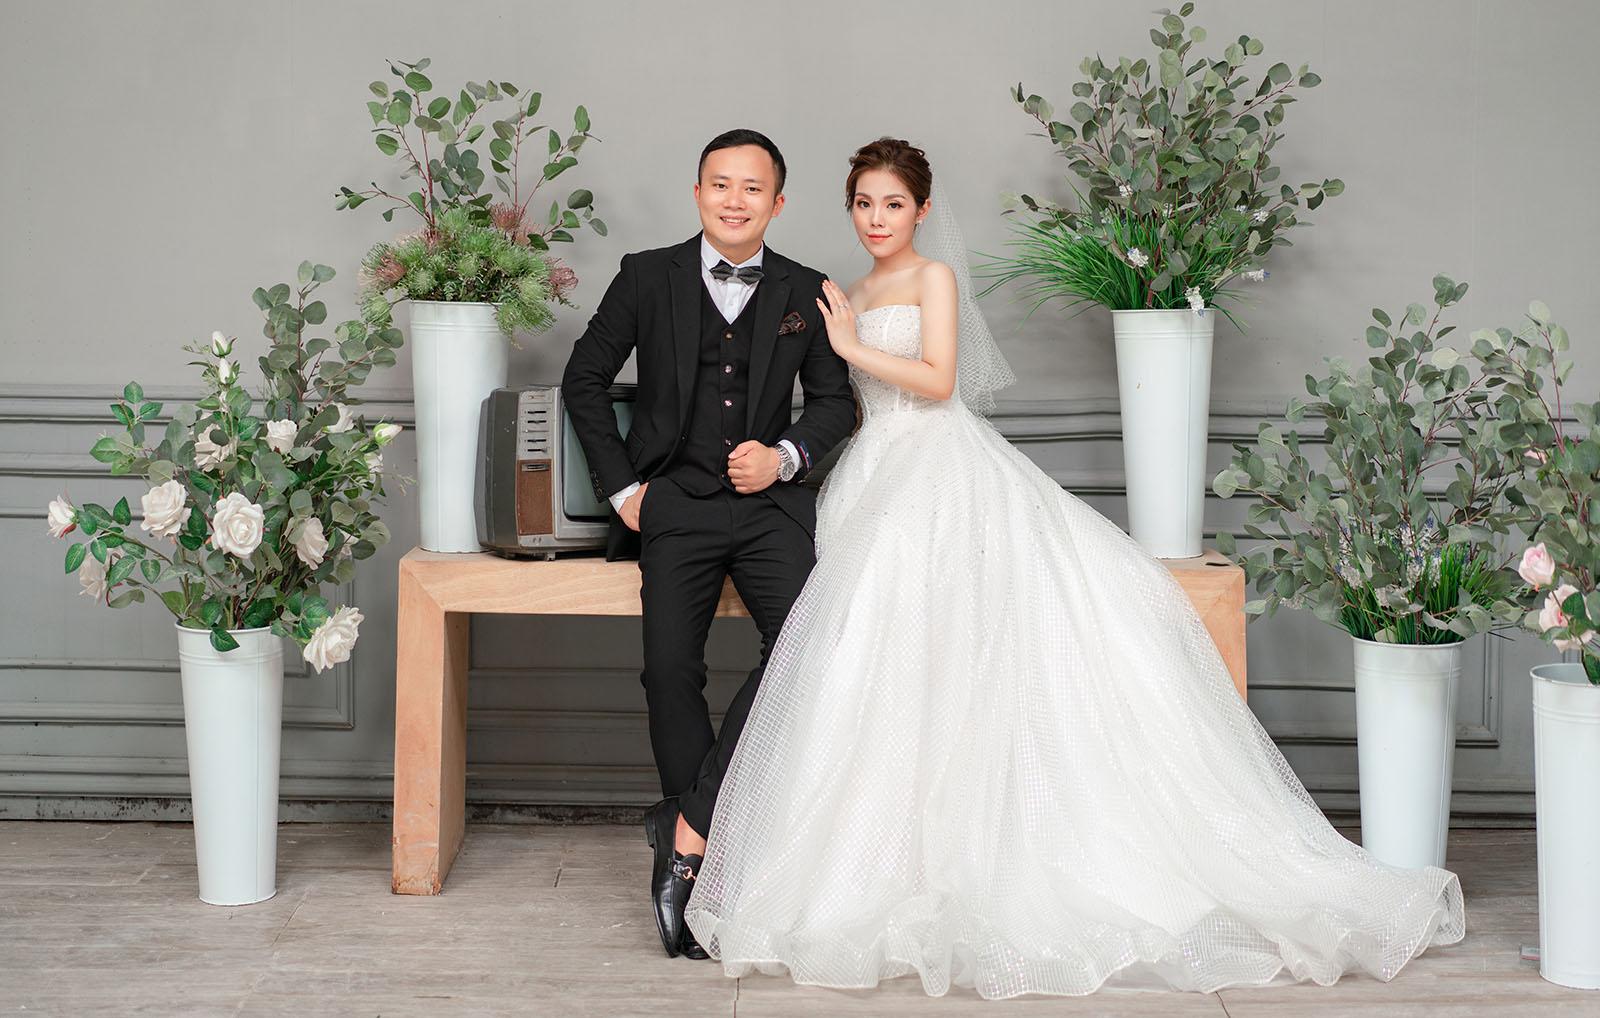 Vẽ lên câu chuyện tình yêu lãng mạn với ý tưởng chụp ảnh cưới kiểu Hàn